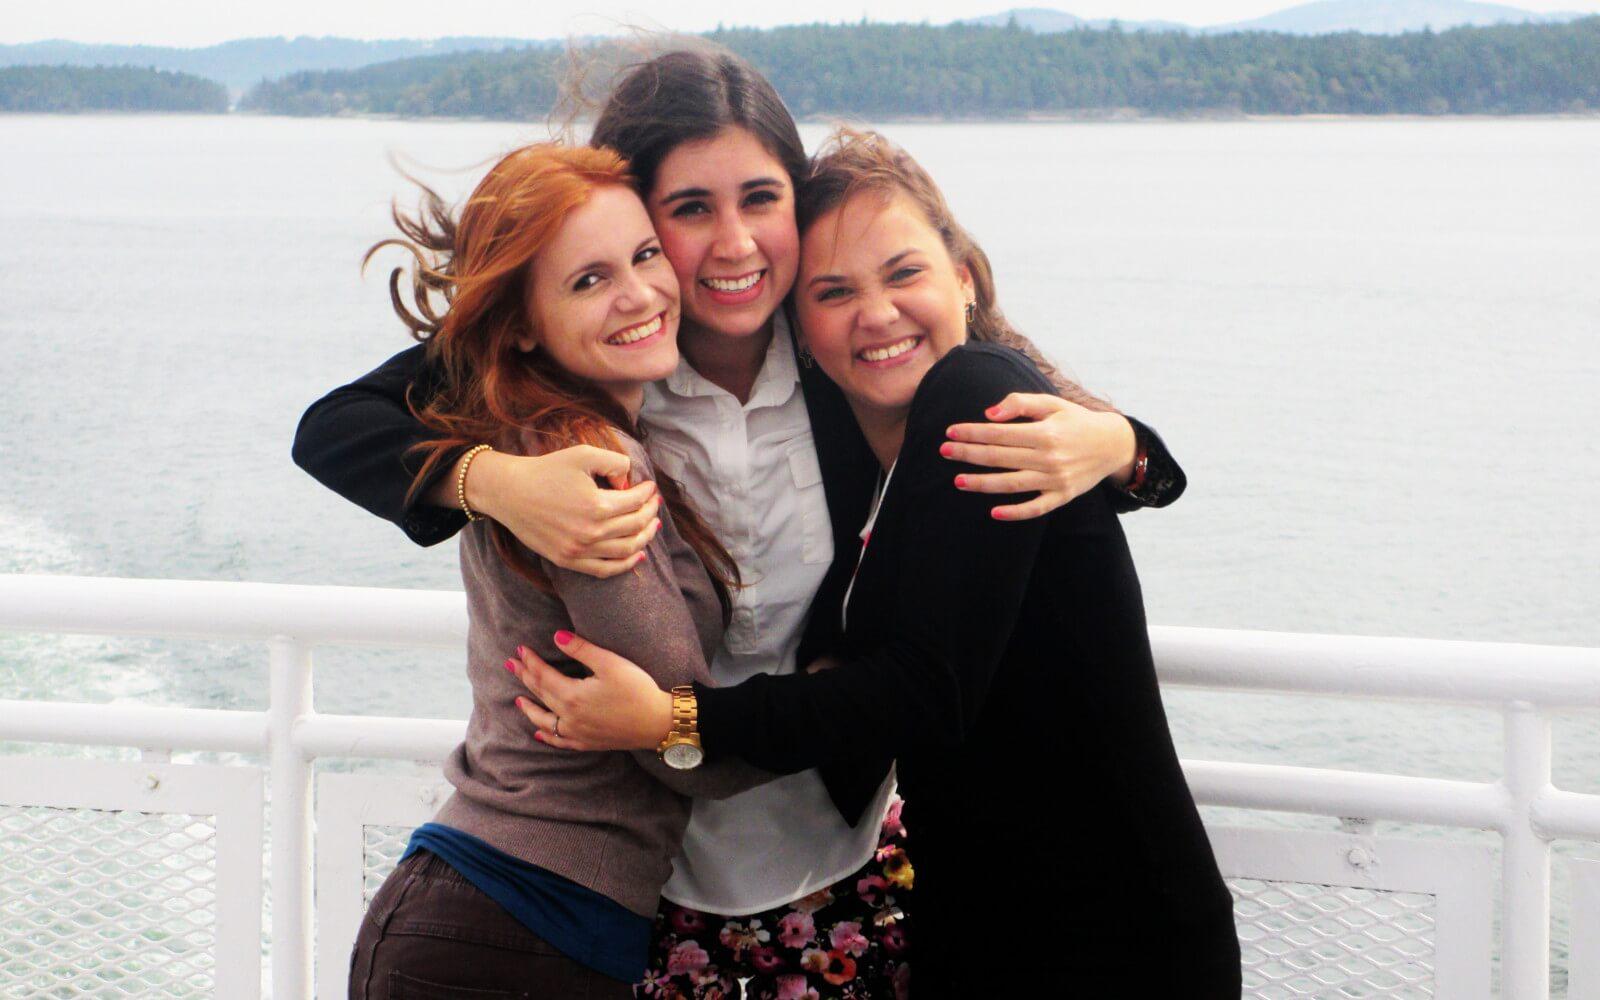 Simone mit ihren Freundinnen am Meer